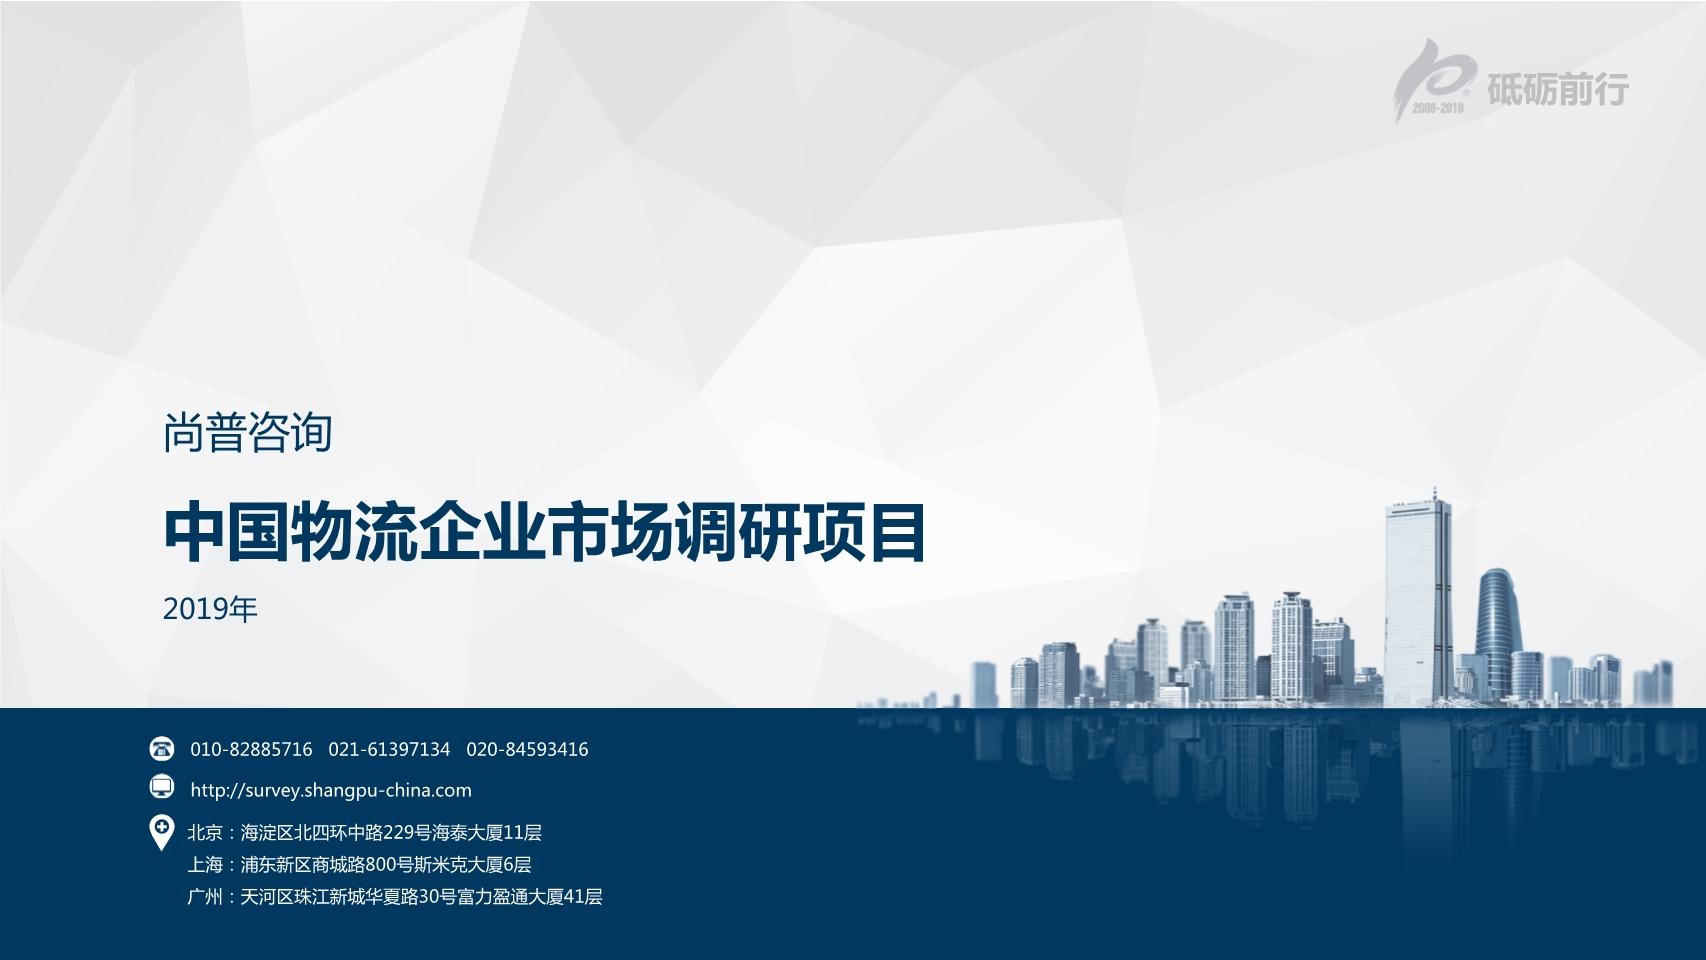 尚普咨询-中国物流企业市场调研项目